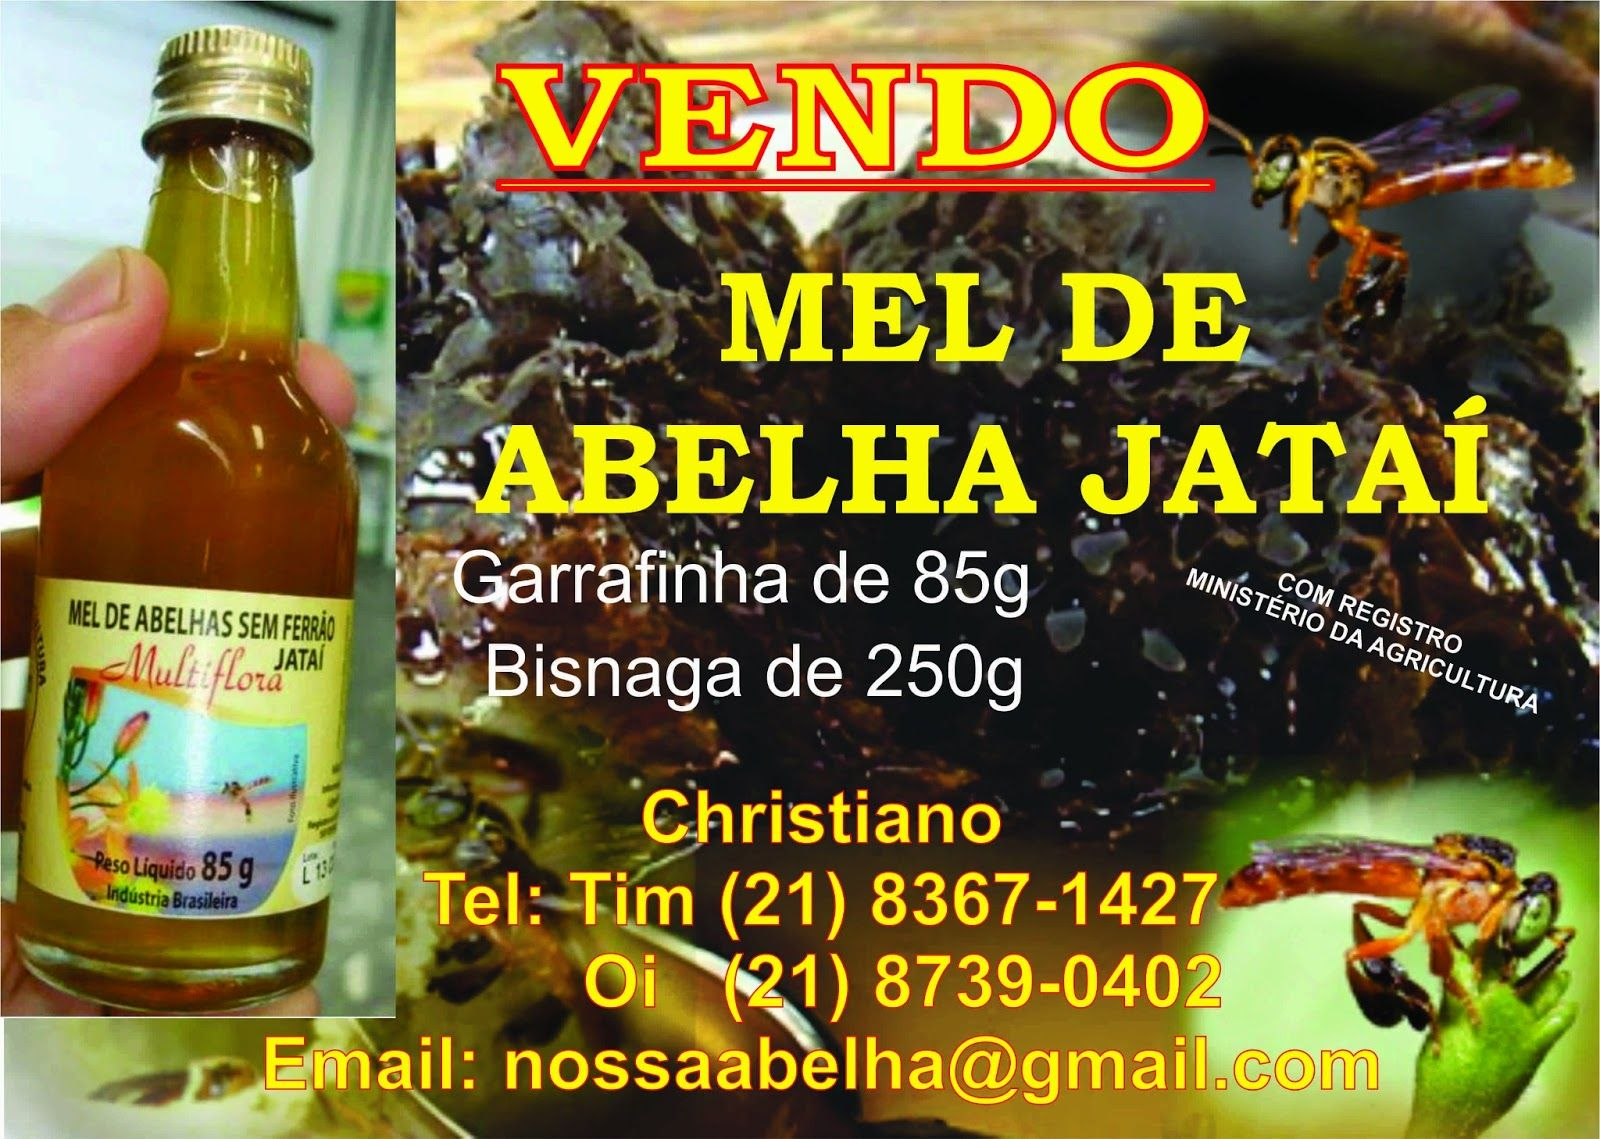 Os Beneficios Do Mel De Abelha Jatai Com Imagens Beneficios Do